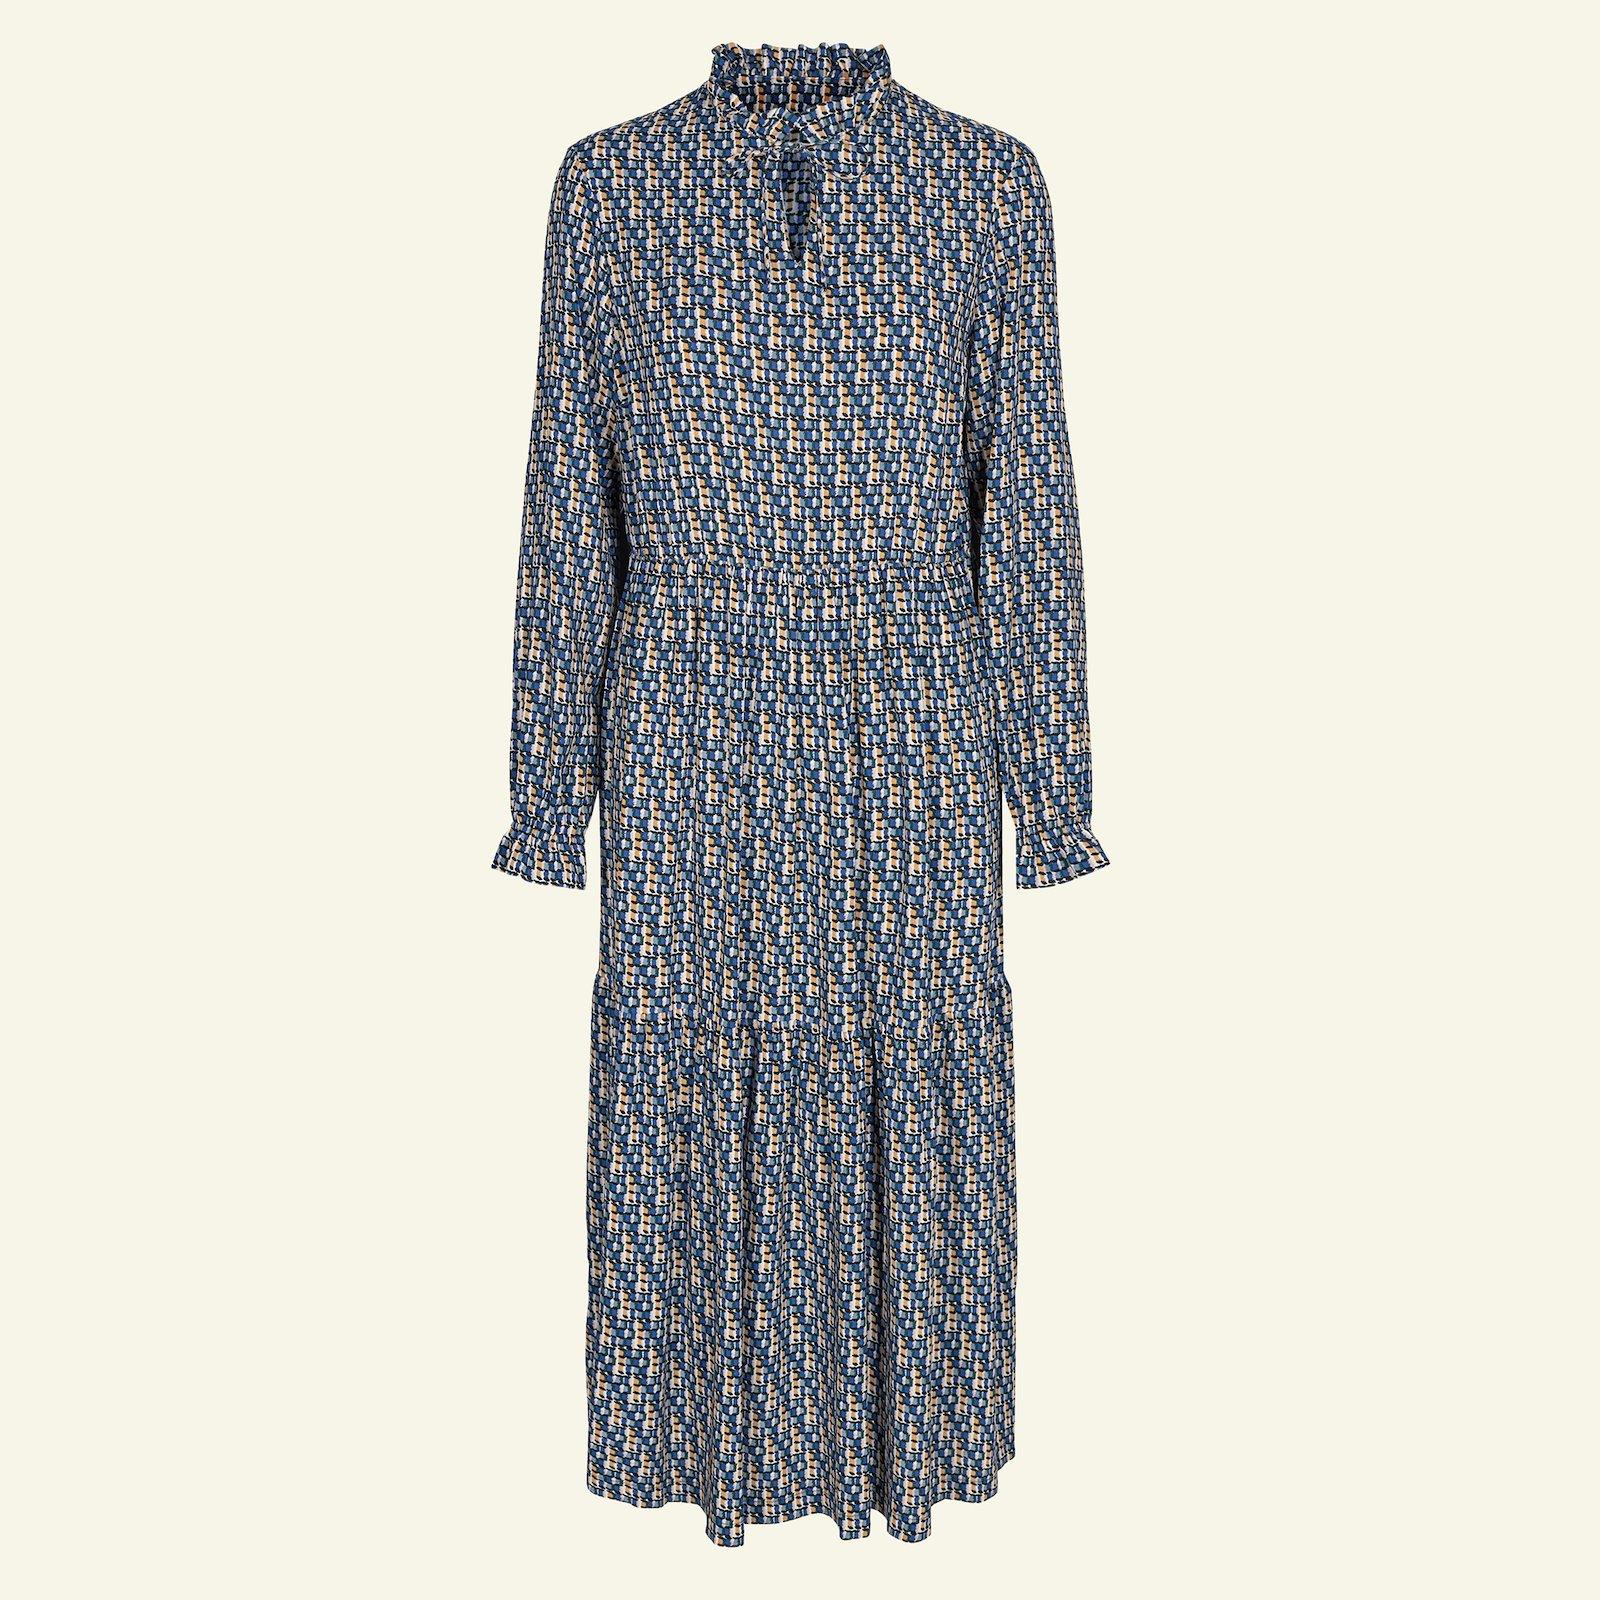 Smock dress, 38/10 p23159_710576_sskit